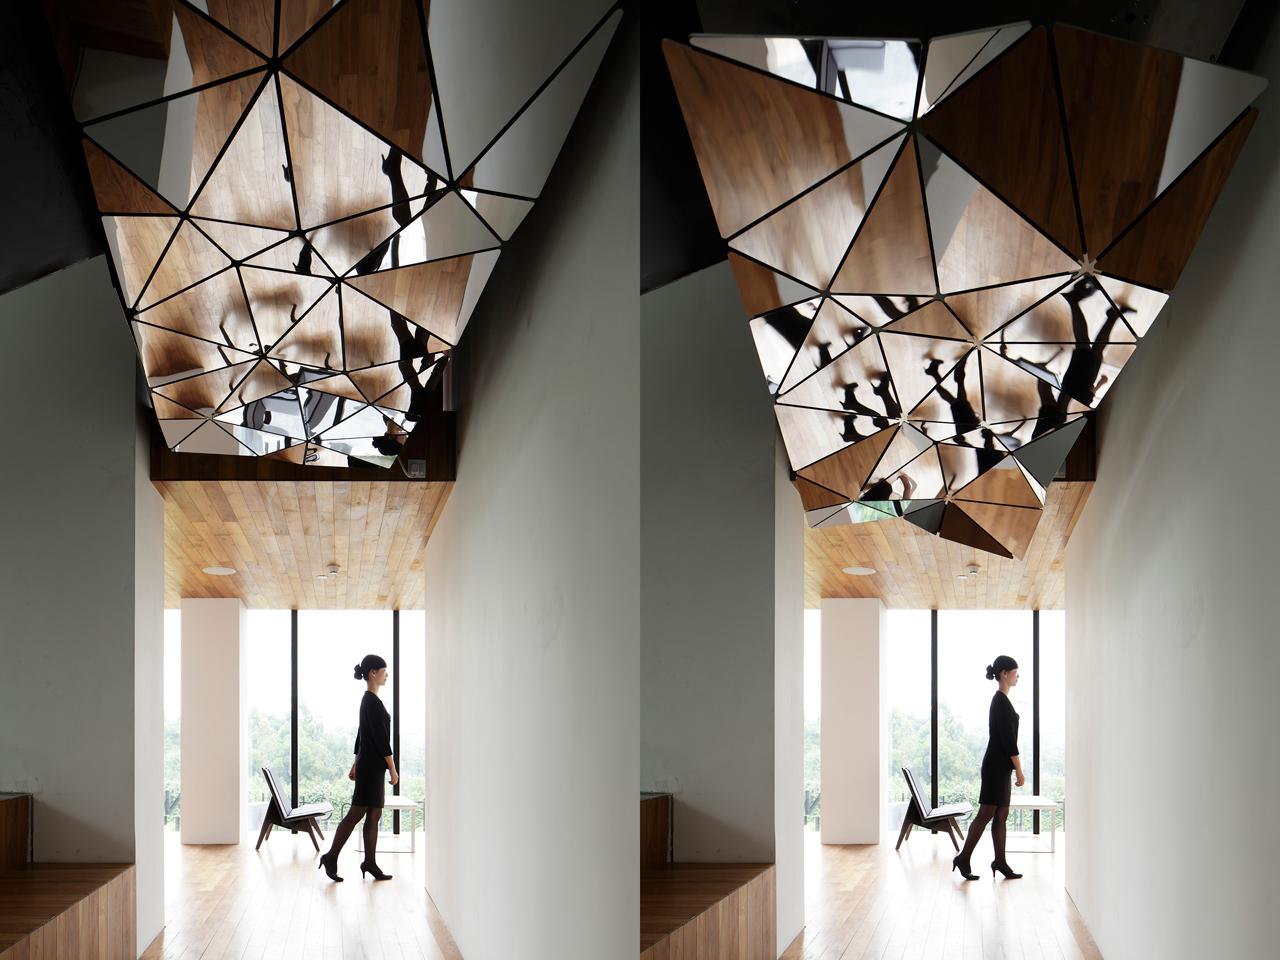 Destin-hotelWIND_team-bldg-3-TRFINITE-installation-in-lobby